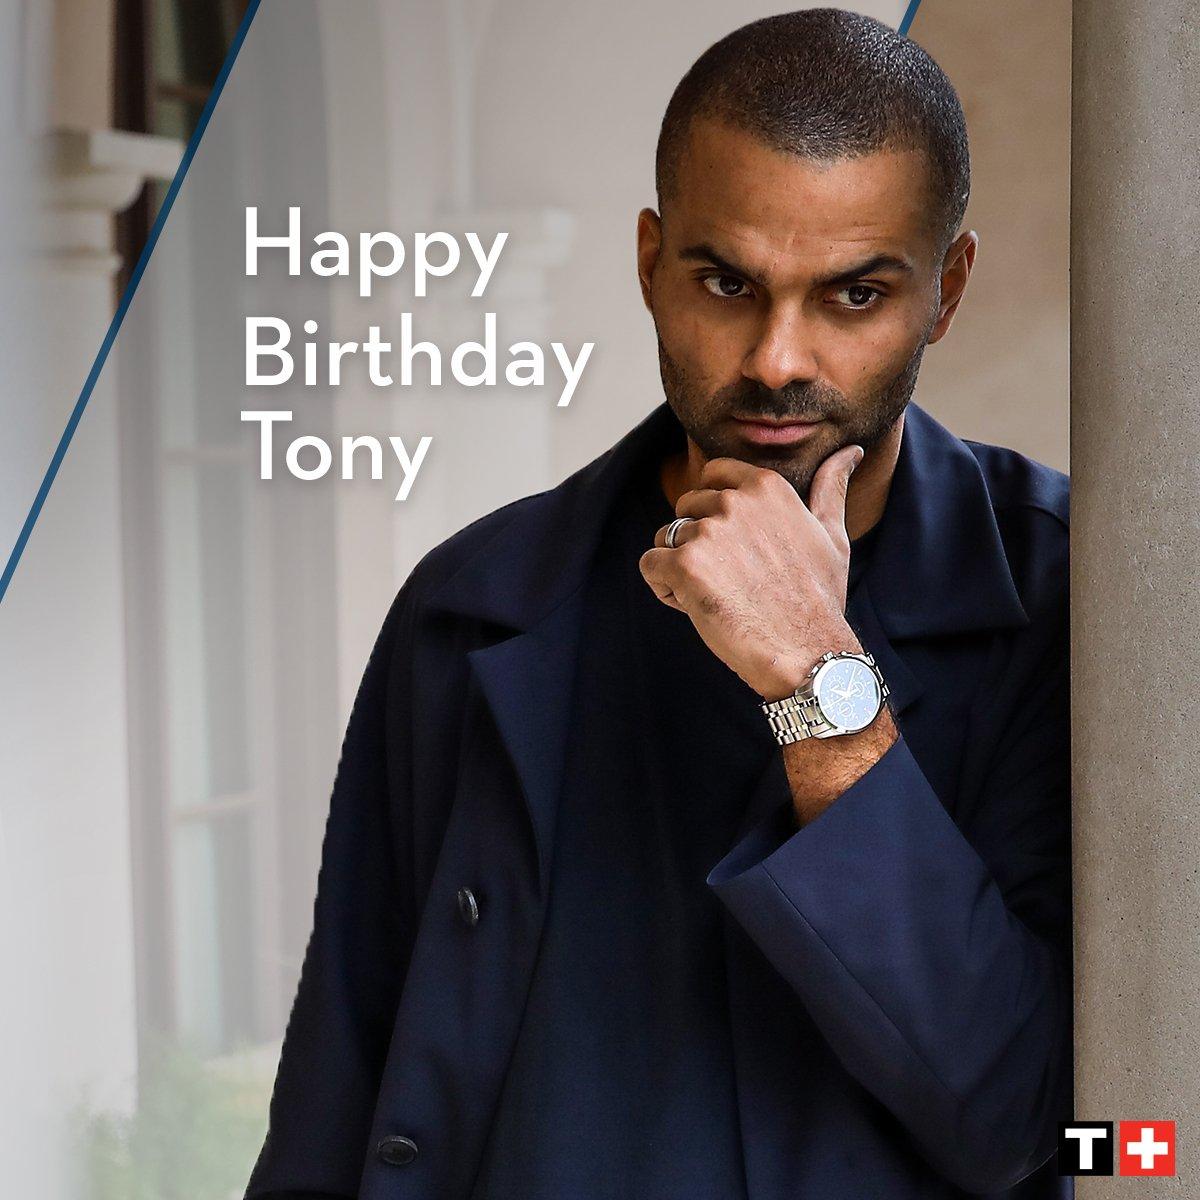 A very happy birthday #TissotAmbassador @tonyparker! #HappyBirthday #Tissot #TonyParker